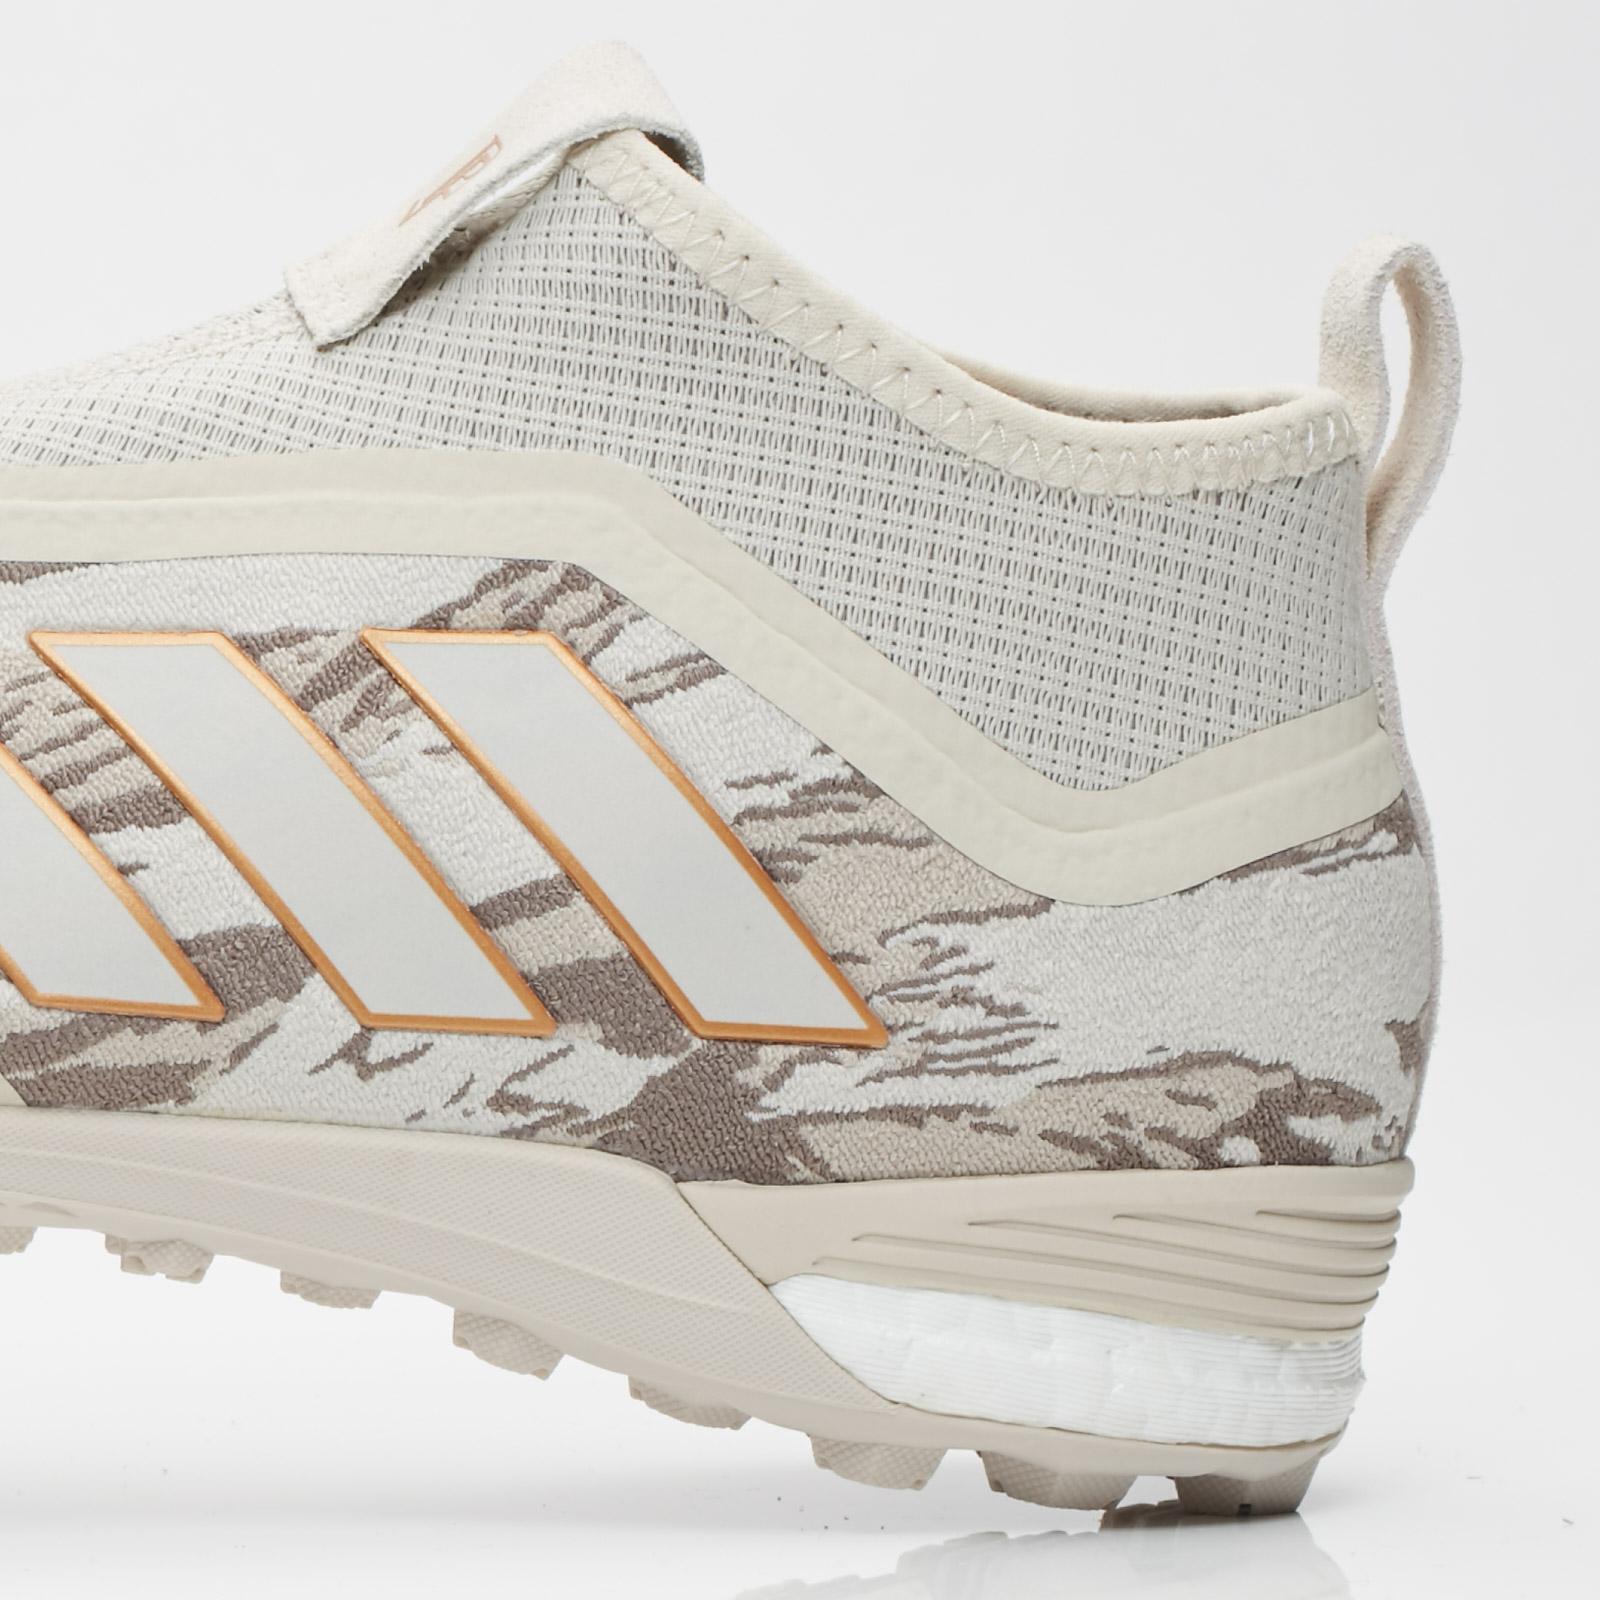 wholesale dealer 3123f d205d ... adidas Performance Paul Pogba Ace 17+ TR